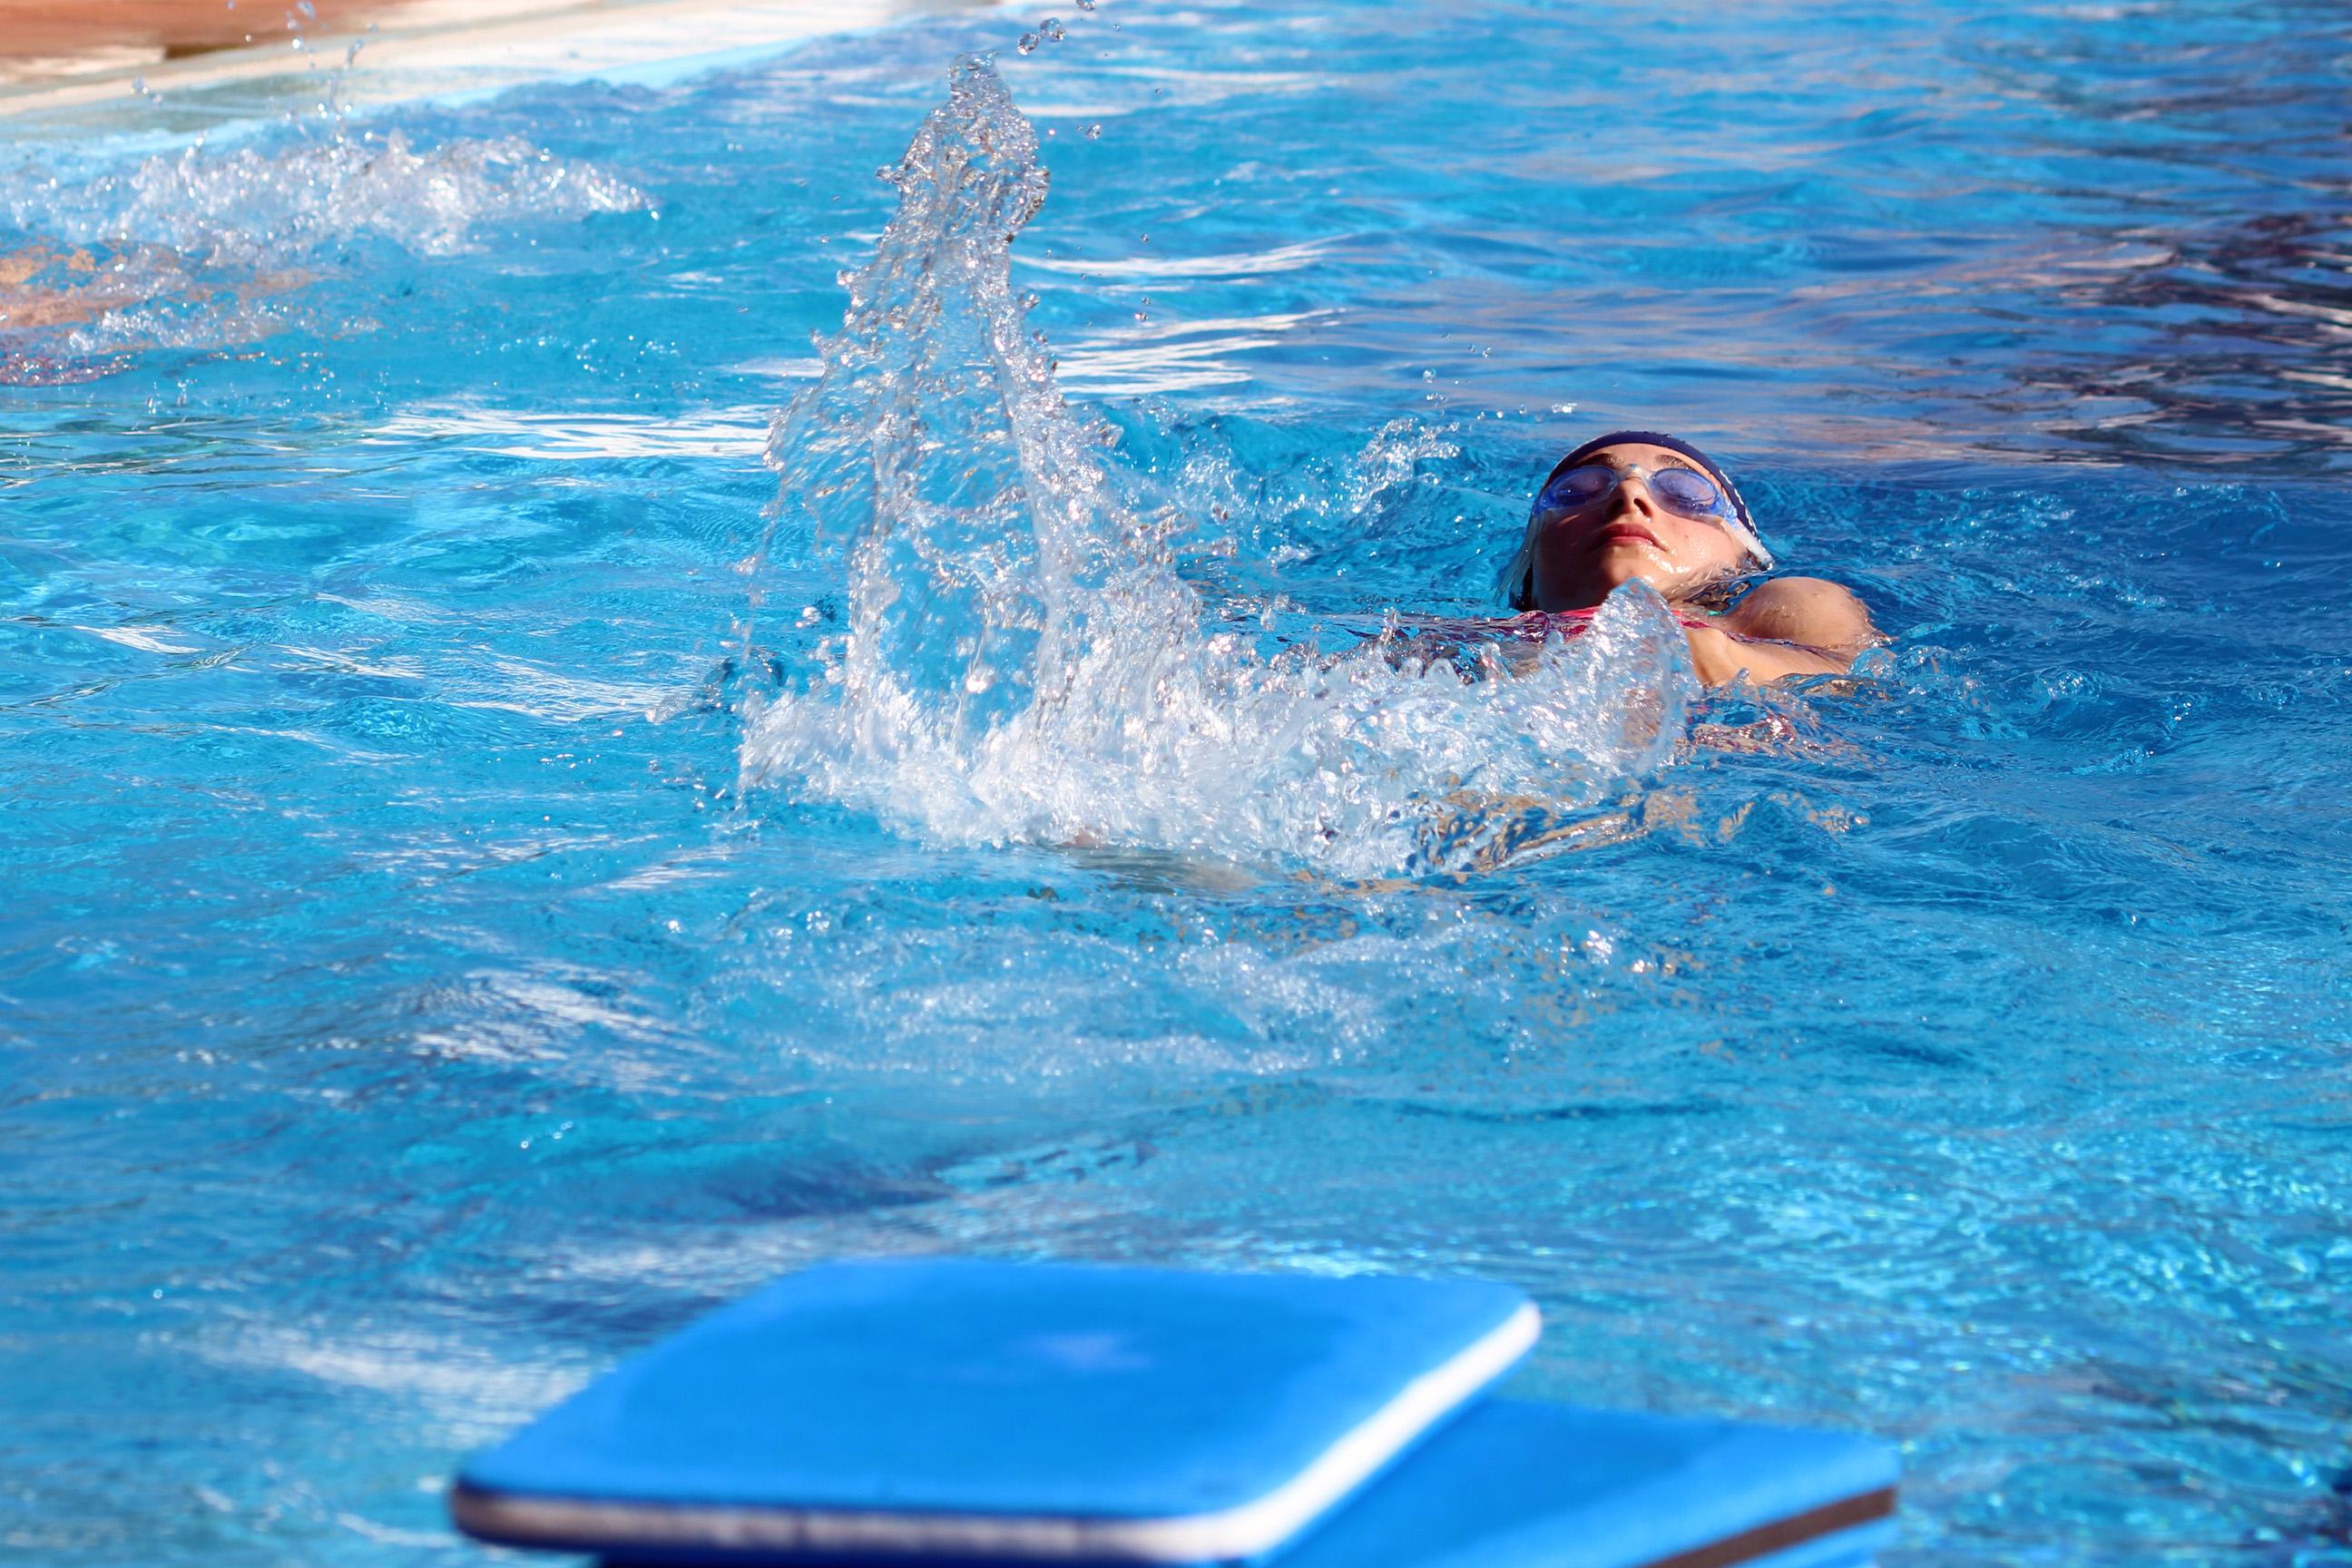 La piscina de Cheste en una imagen de archivo.